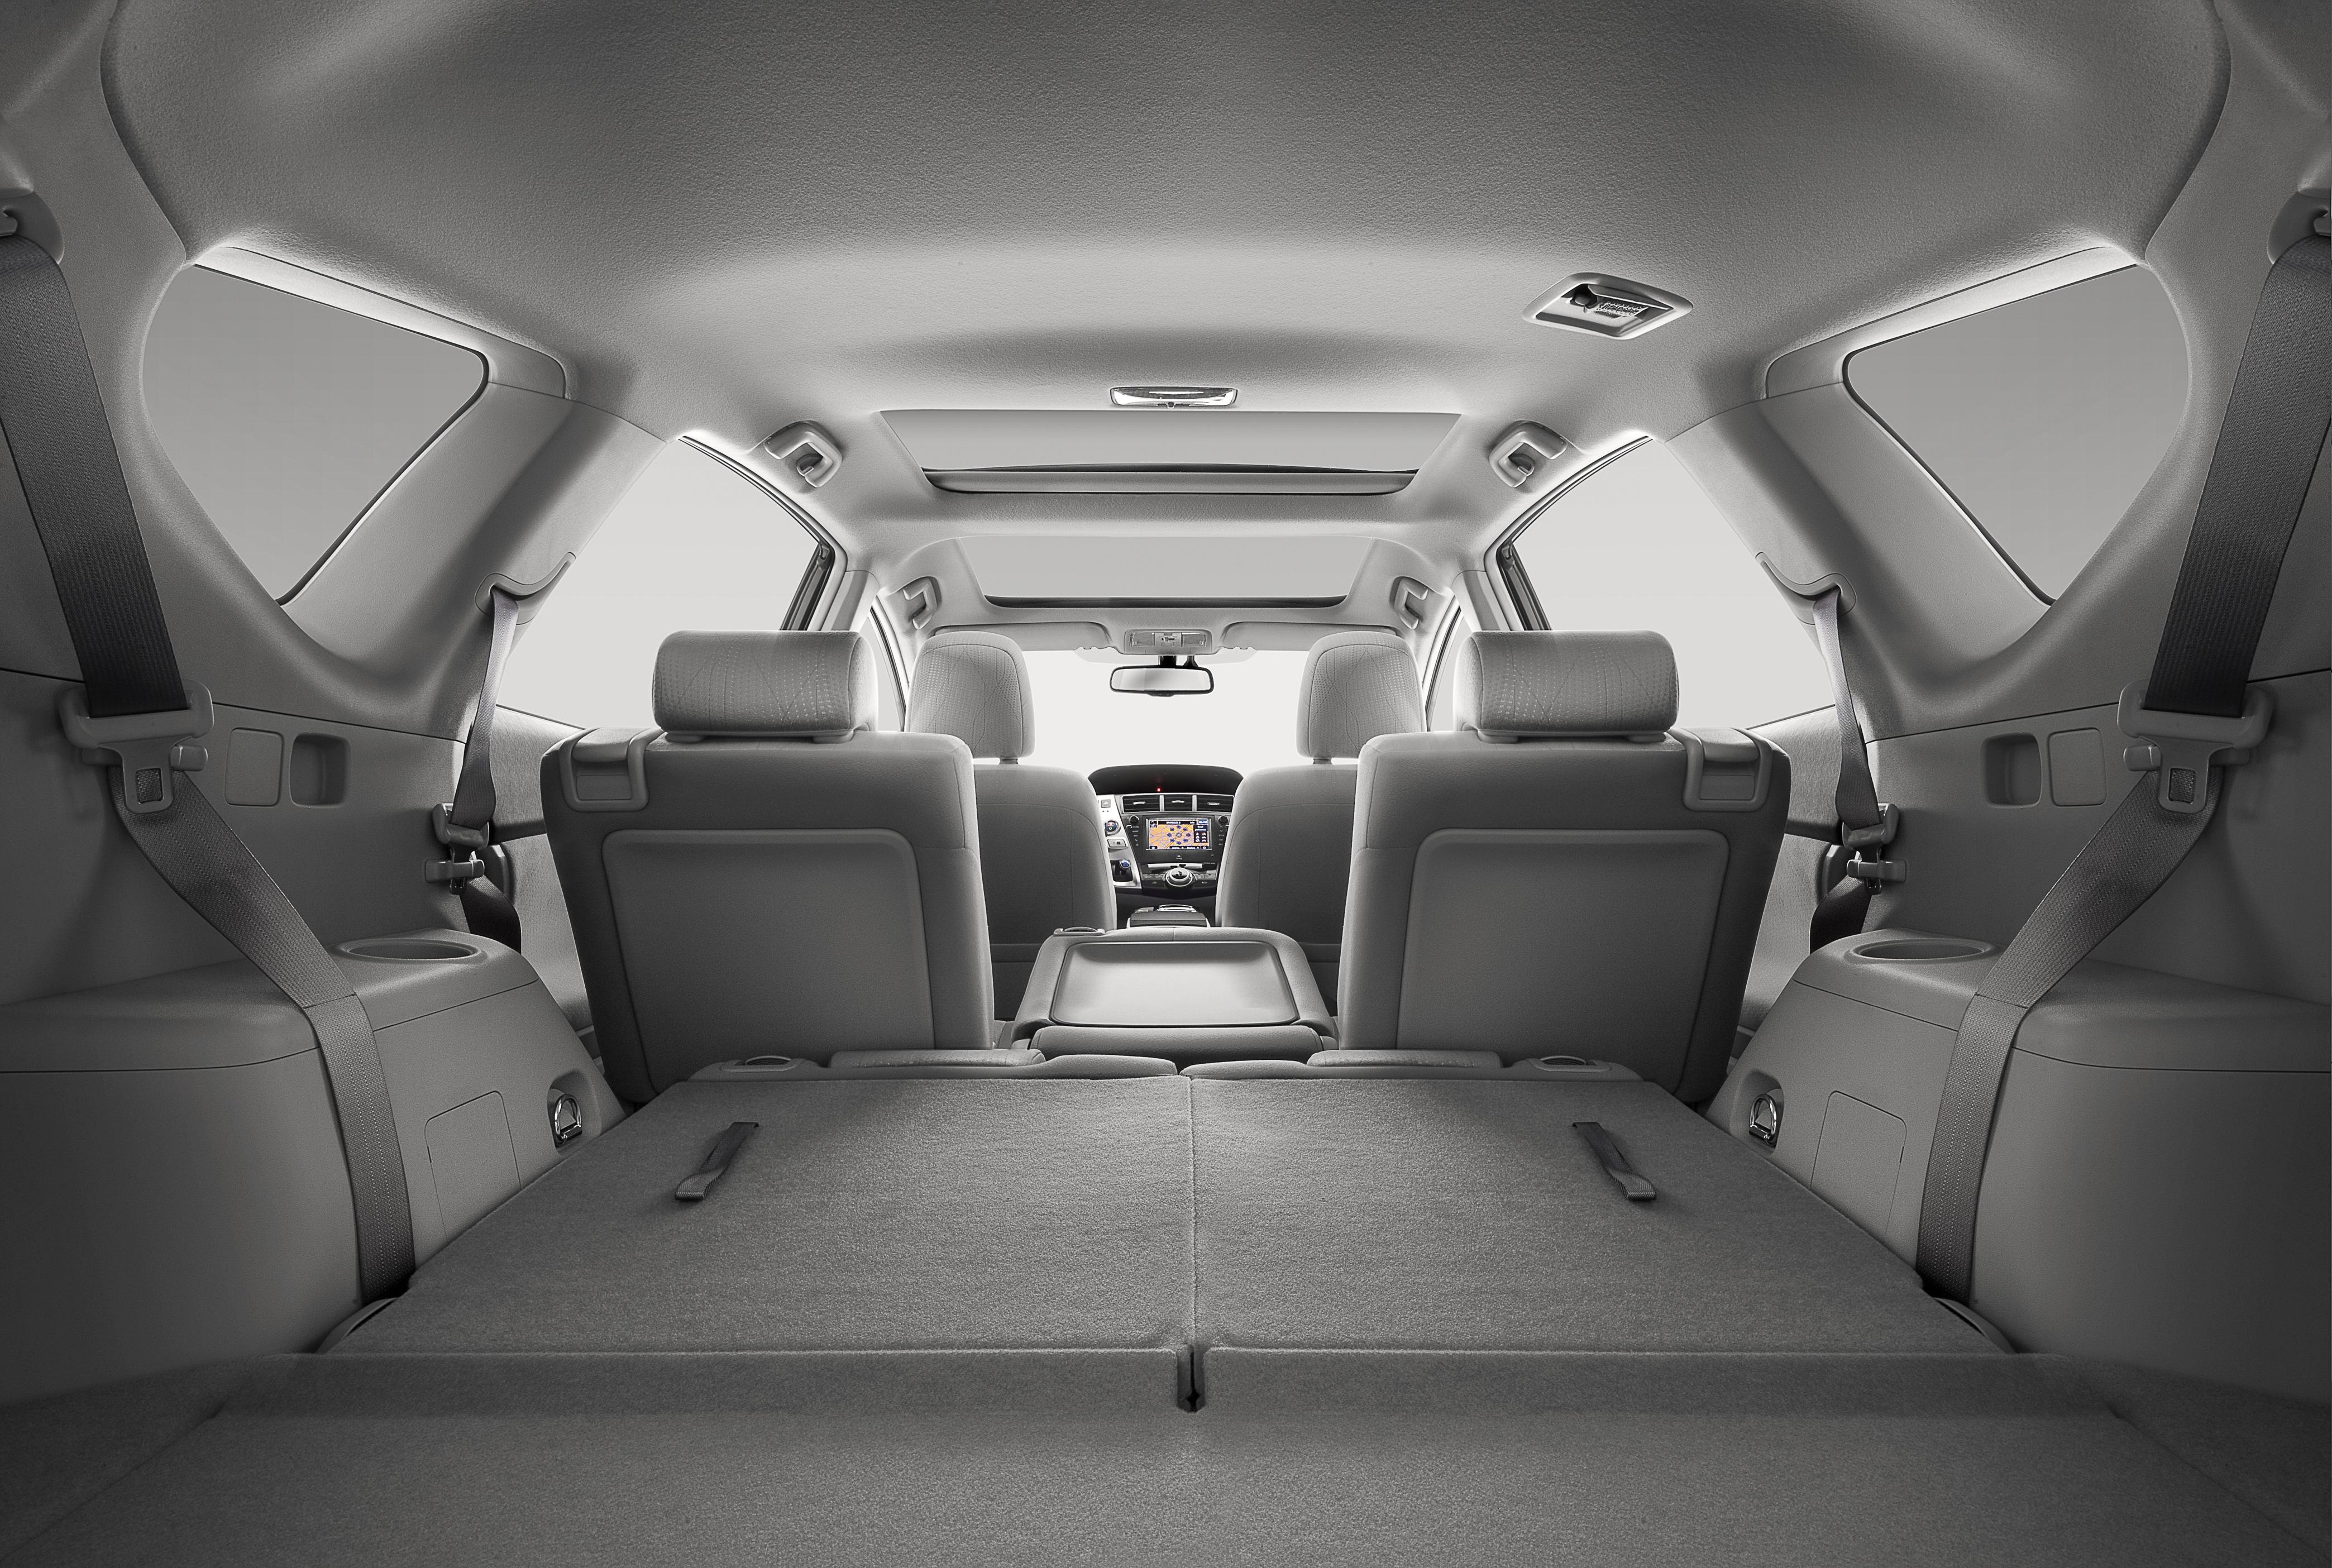 prise en mains toyota prius le premier monospace hybride pour l 39 europe. Black Bedroom Furniture Sets. Home Design Ideas